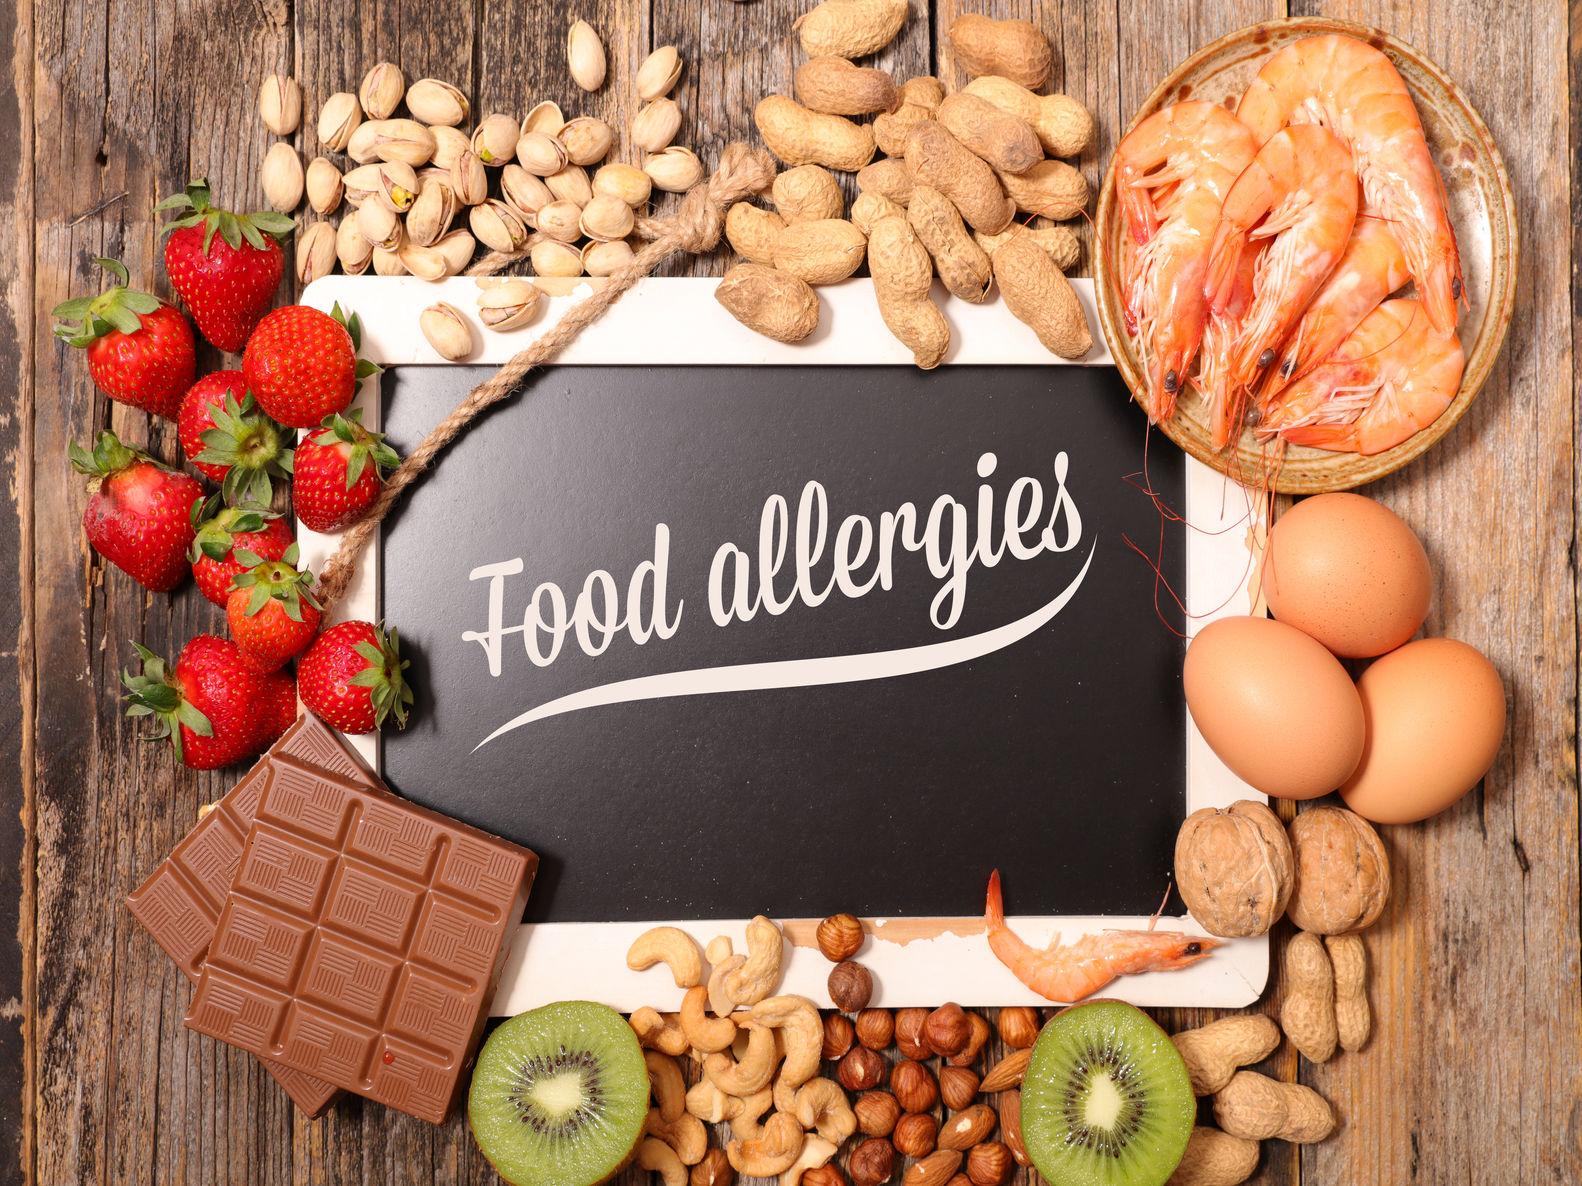 腹痛、起疹子就是食物过敏?可能是食物不耐受!